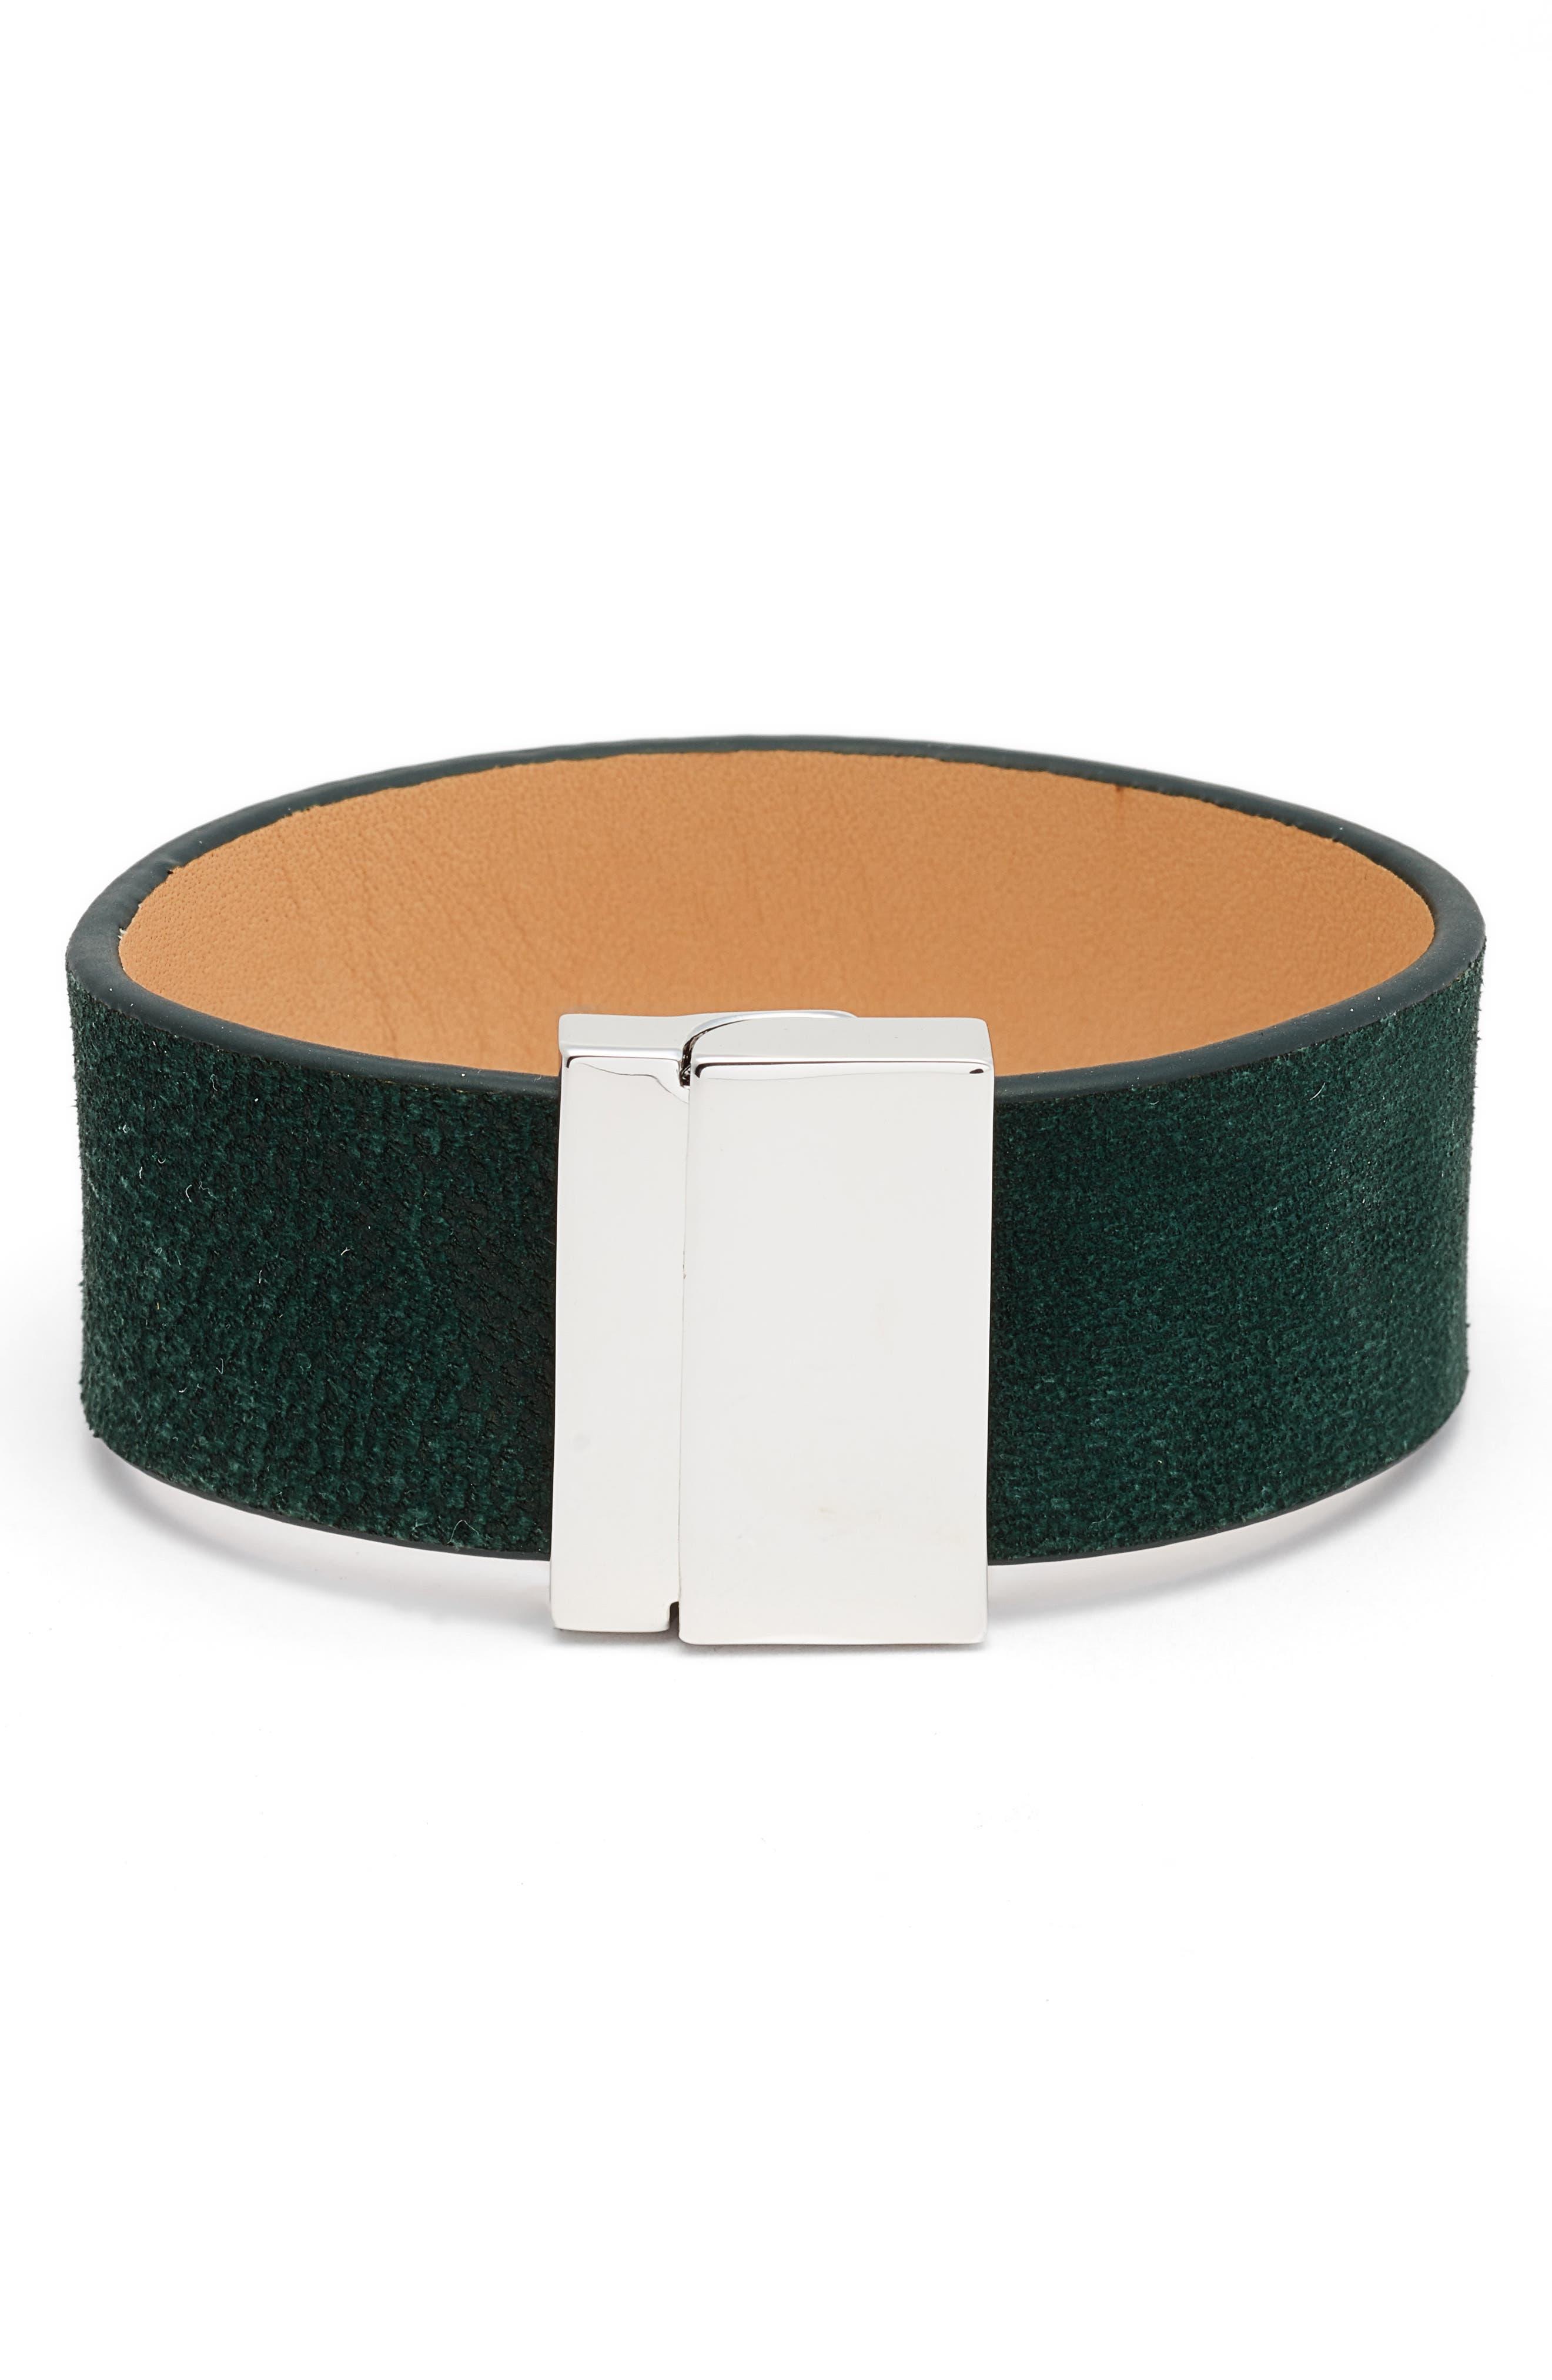 Leather Strap Bracelet,                             Main thumbnail 1, color,                             040